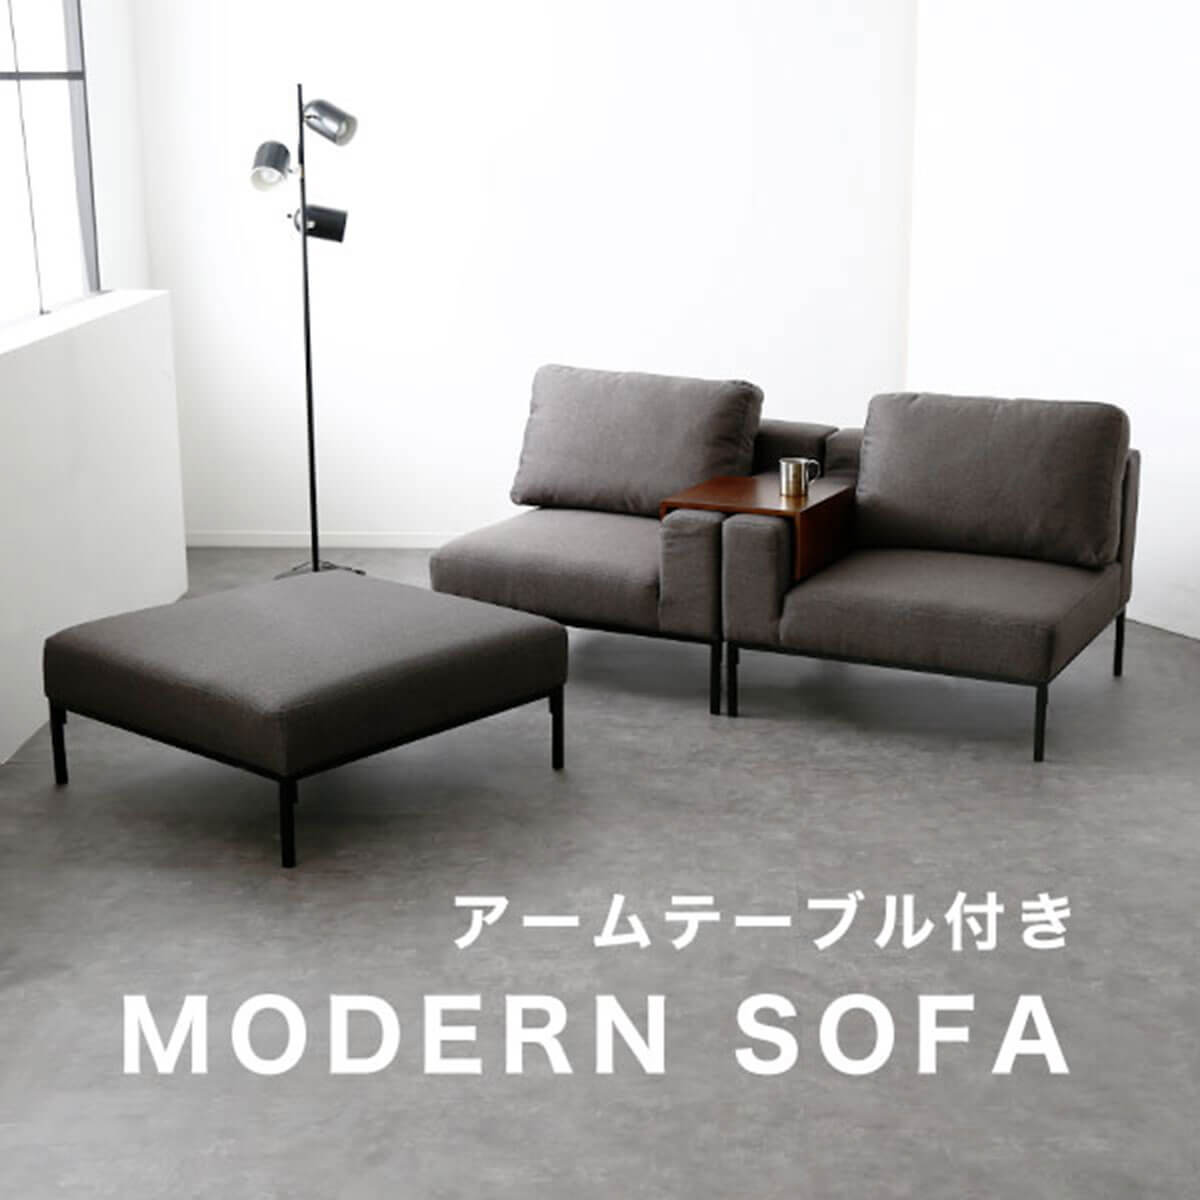 アームテーブル付モダンソファ